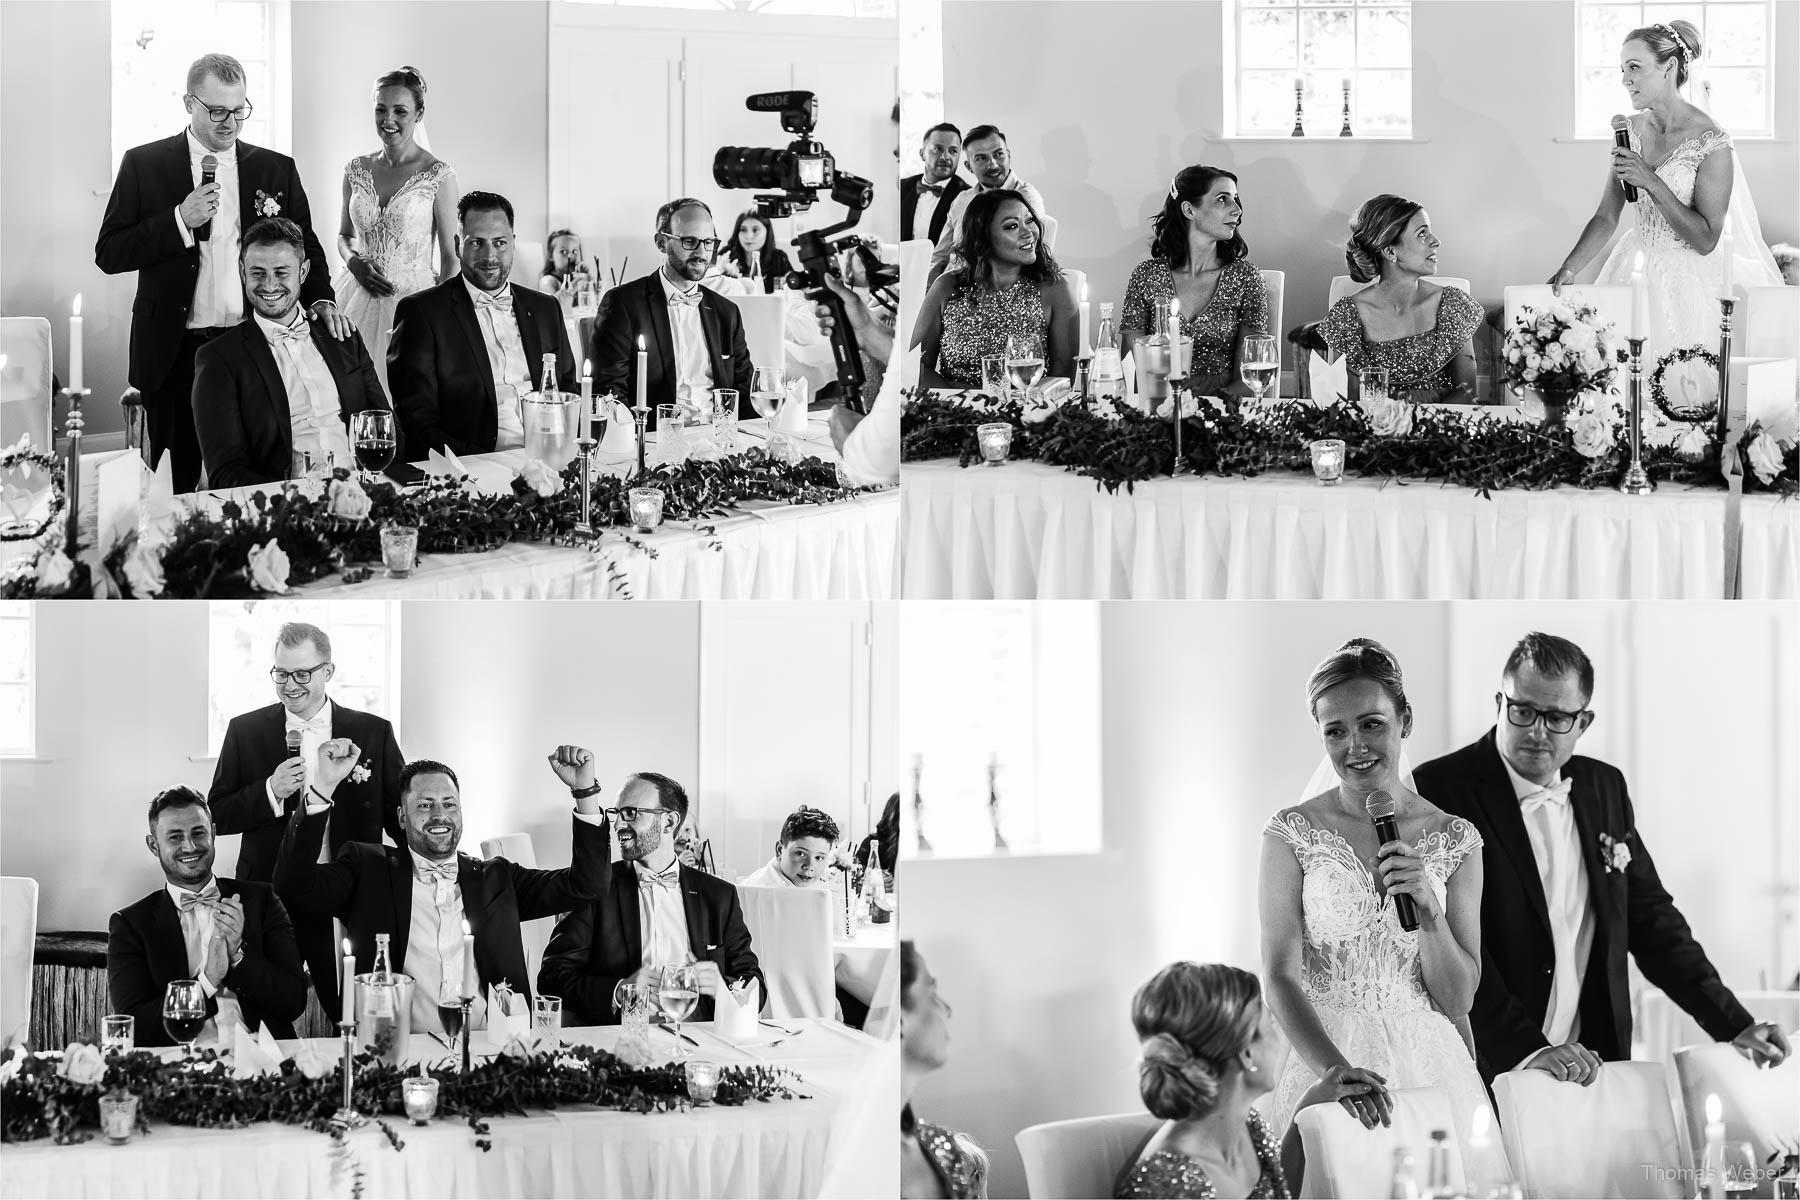 Verschiedene Reden auf der Hochzeitsfeier, Kirchliche Hochzeit in Rastede und Hochzeitsfeier in der Scheune St. Georg Rastede, Hochzeitsfotograf Thomas Weber aus Oldenburg